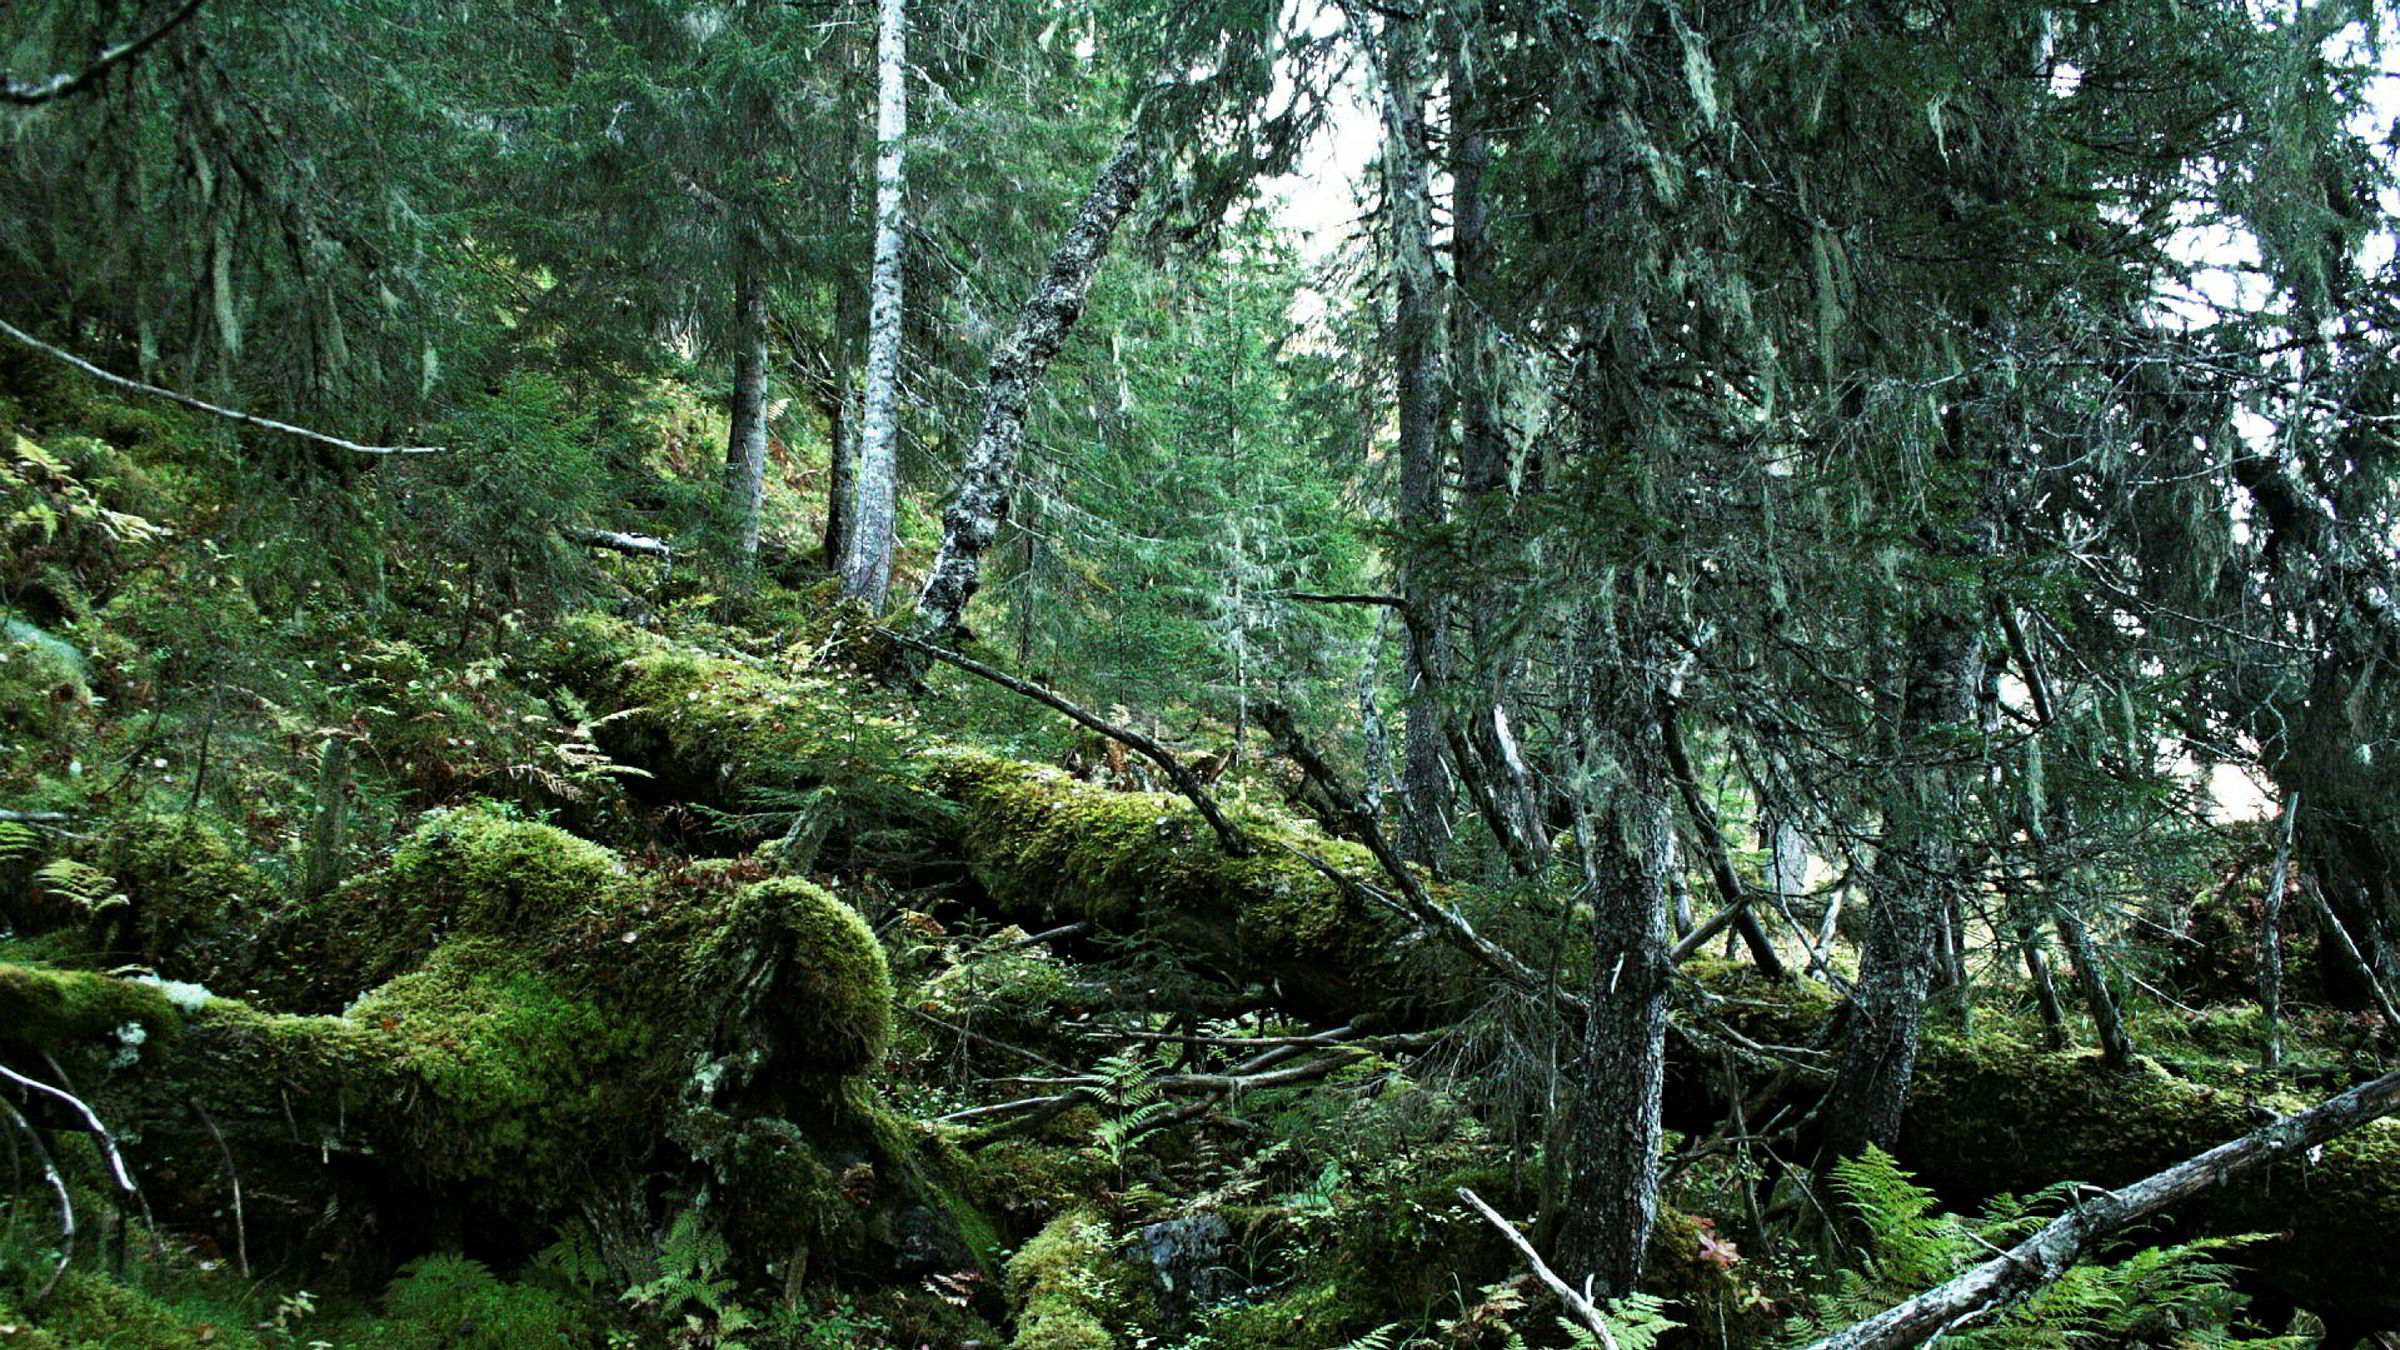 Gammel, urørt skog har uvurderlige verdier som levested for rundt halvparten av Norges 60.000 arter av dyr, planter og sopp, skriver artikkelforfatteren.